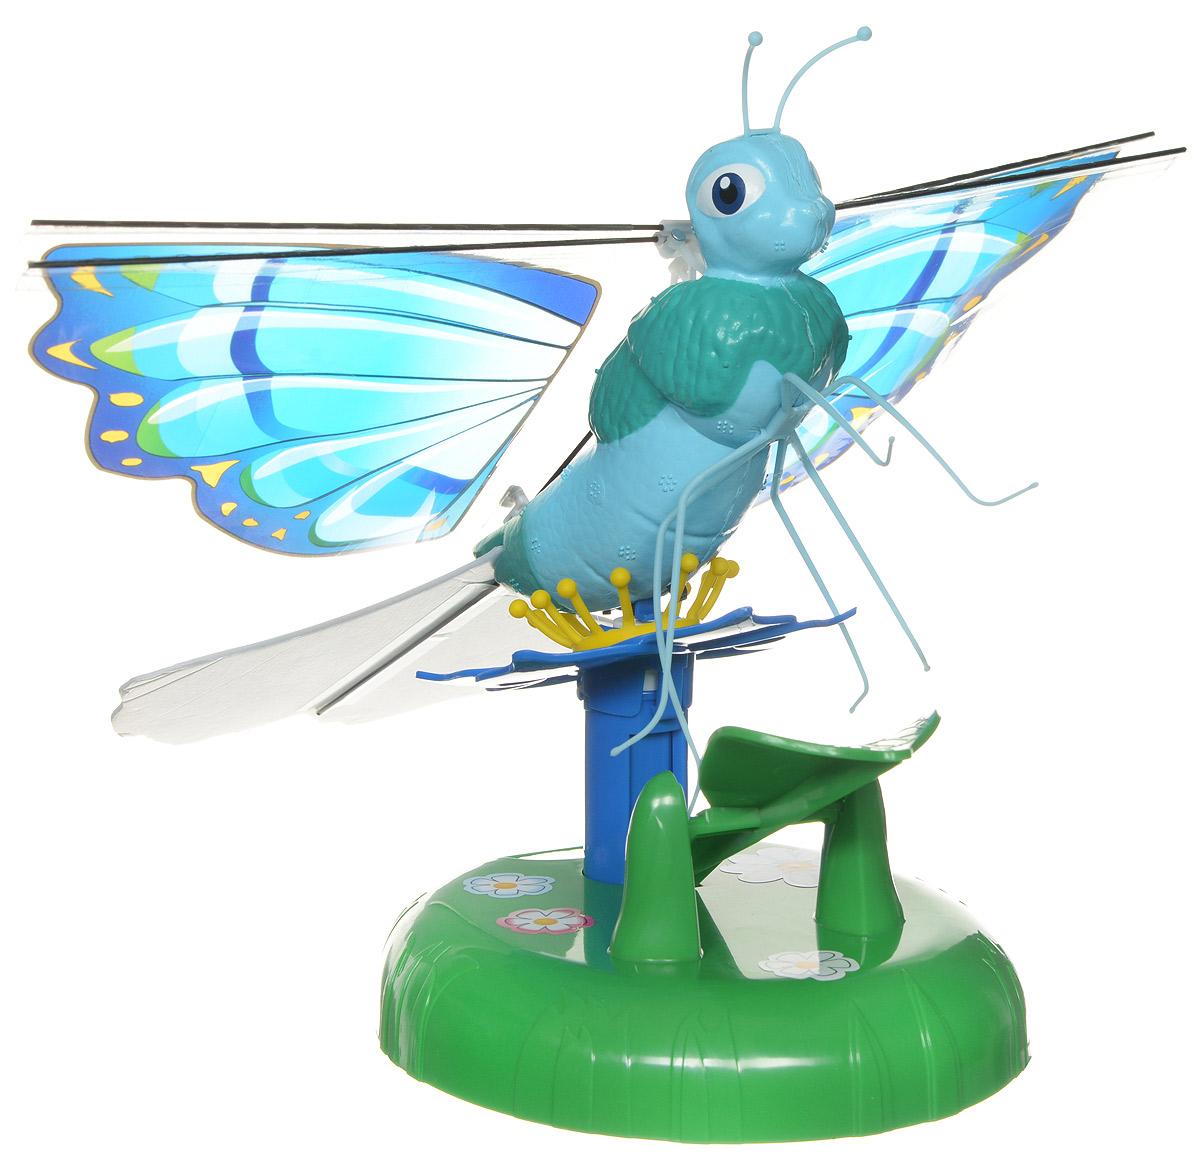 Splash Toys Интерактивная игрушка Летающая бабочка Zinnia30850_голубойИнтерактивная игрушка Splash Toys Летающая бабочка Zinnia станет отличным подарком каждой девочке. Игрушка выполнена из безопасных для здоровья ребенка материалов. Использовать игрушку можно только в помещении. Посадите бабочку на цветок и нажмите на нее, чтобы заставить взлететь. Она полетит по кругу, постепенно поднимаясь, и когда она начнет снижаться, поднесите под нее руку - бабочка отреагирует на руку и снова взлетит. Красочная бабочка летает по окружности на высоте 2 метров. Необходимо купить 4 батарейки напряжением 1,5V типа АА (не входят в комплект). Ваш ребенок будет в восторге от такого замечательного подарка!